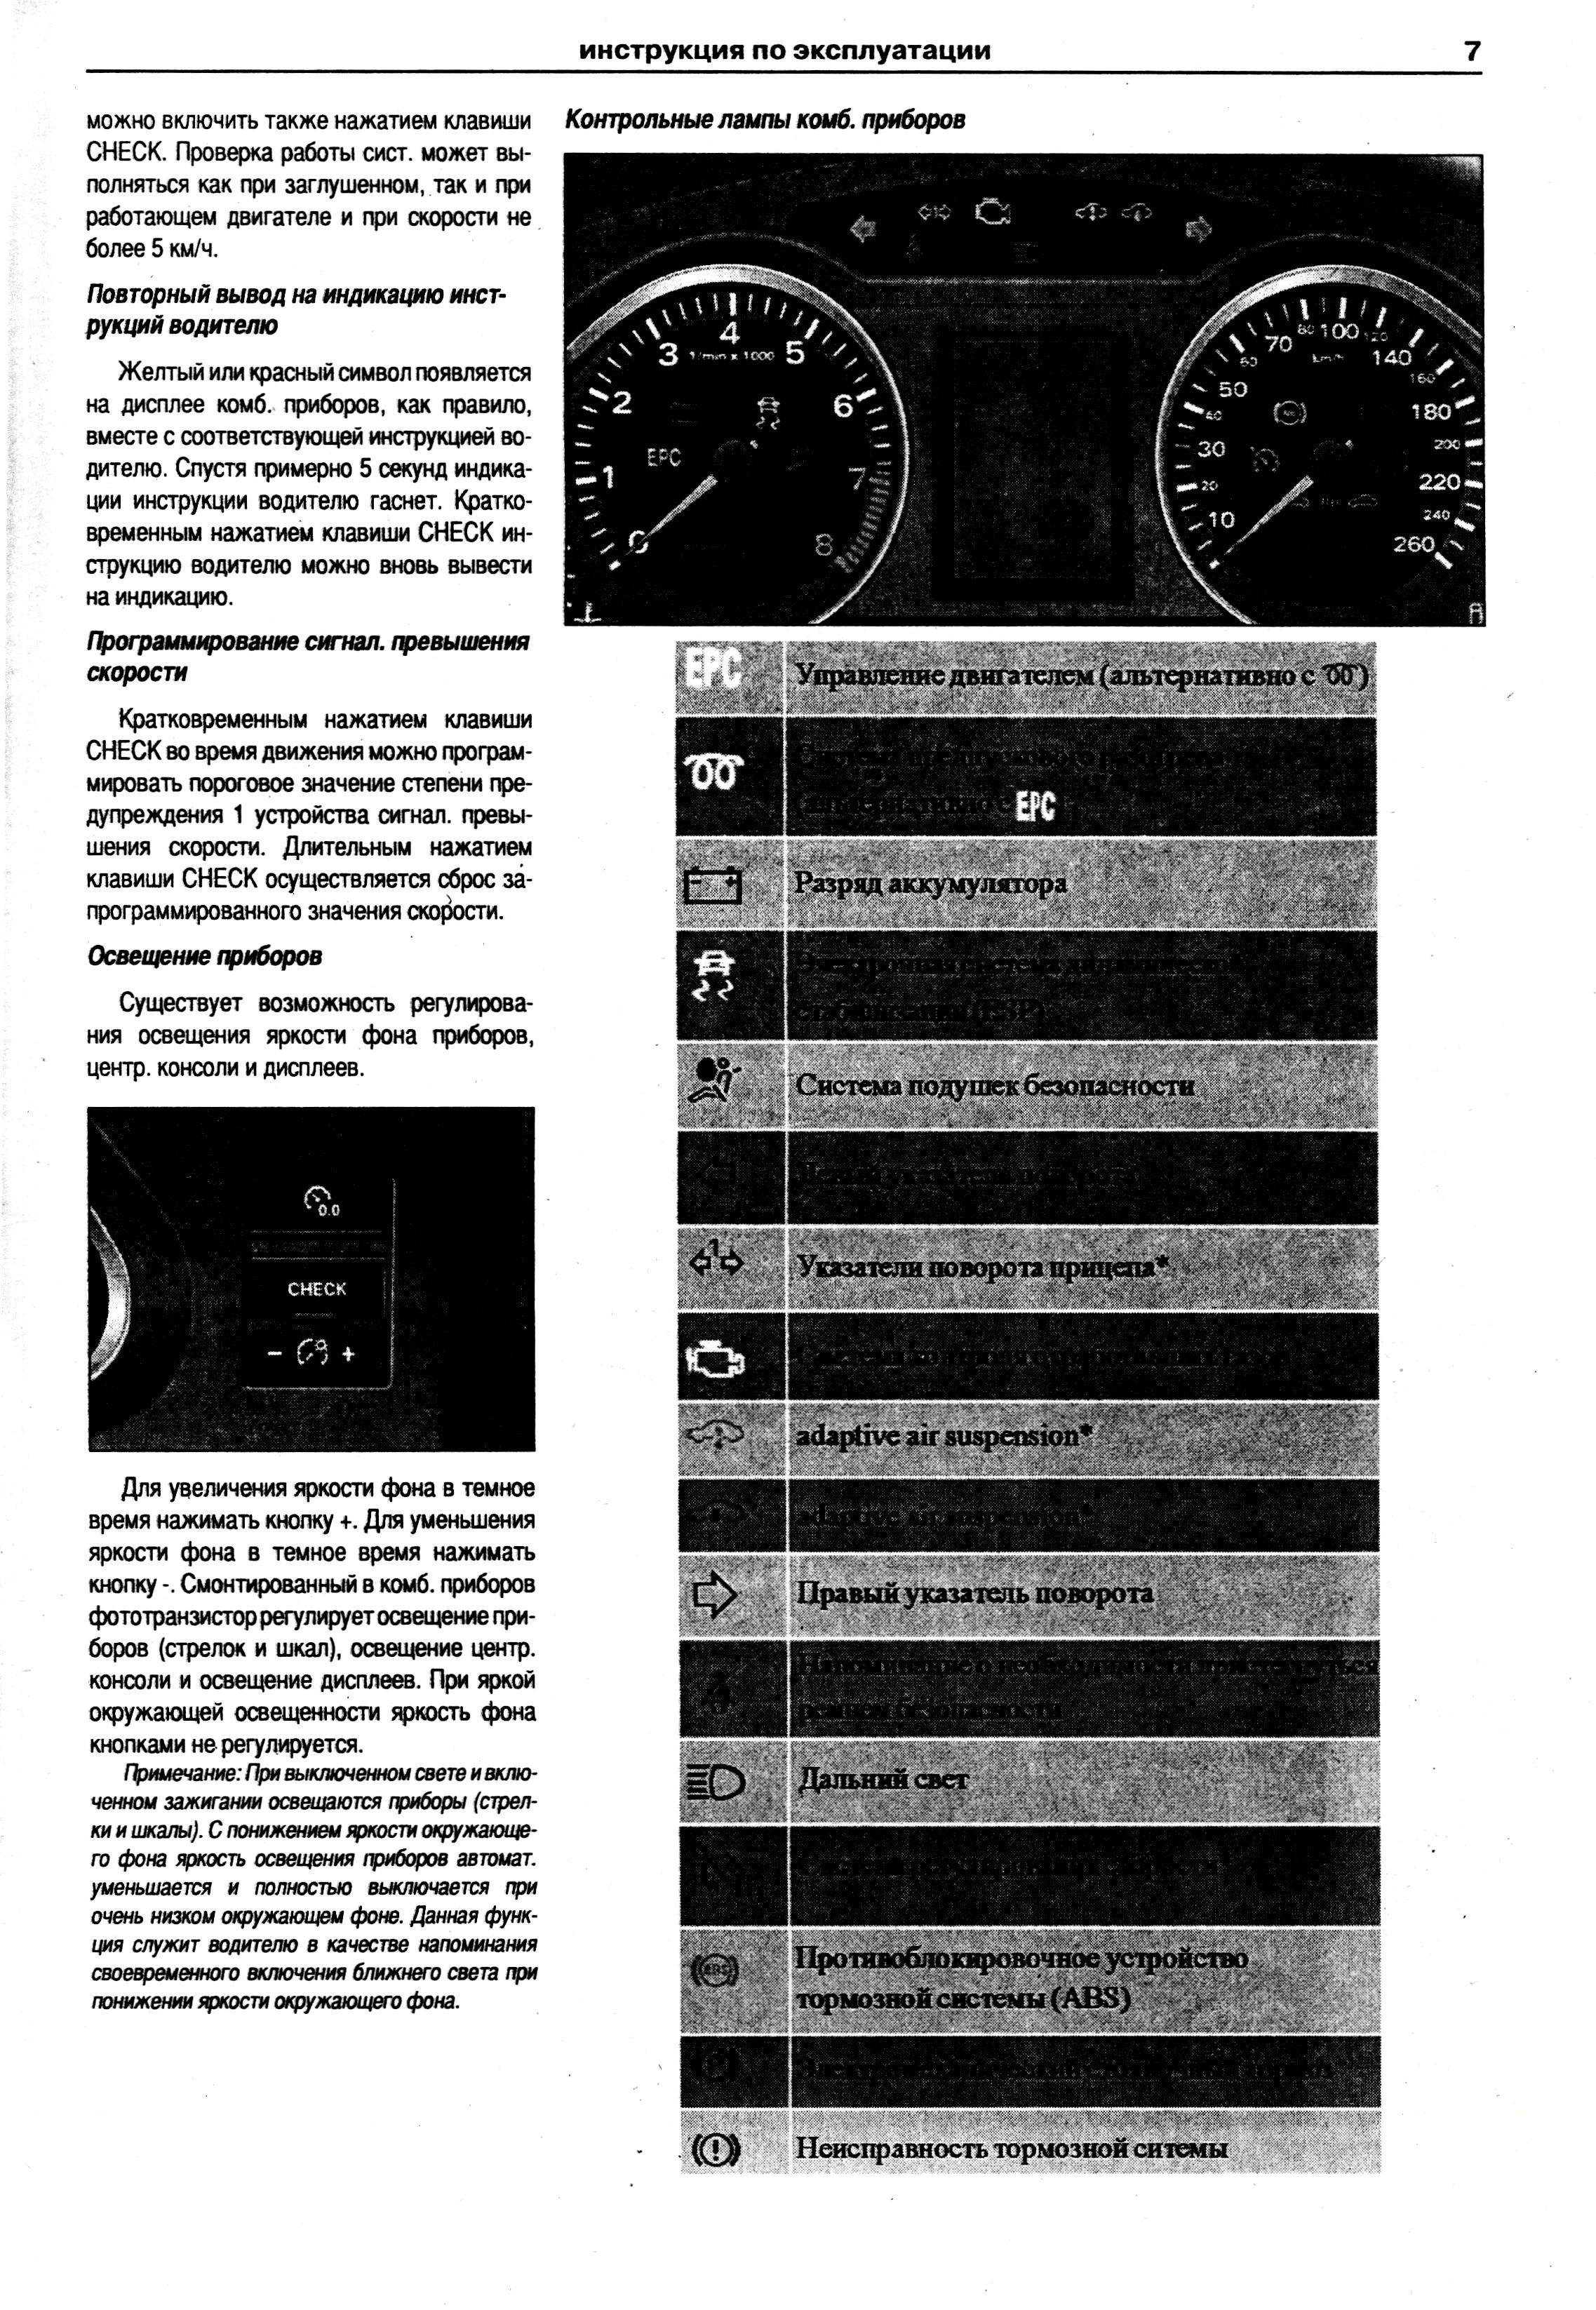 инструкция по панели приборов ауди а6 дизель